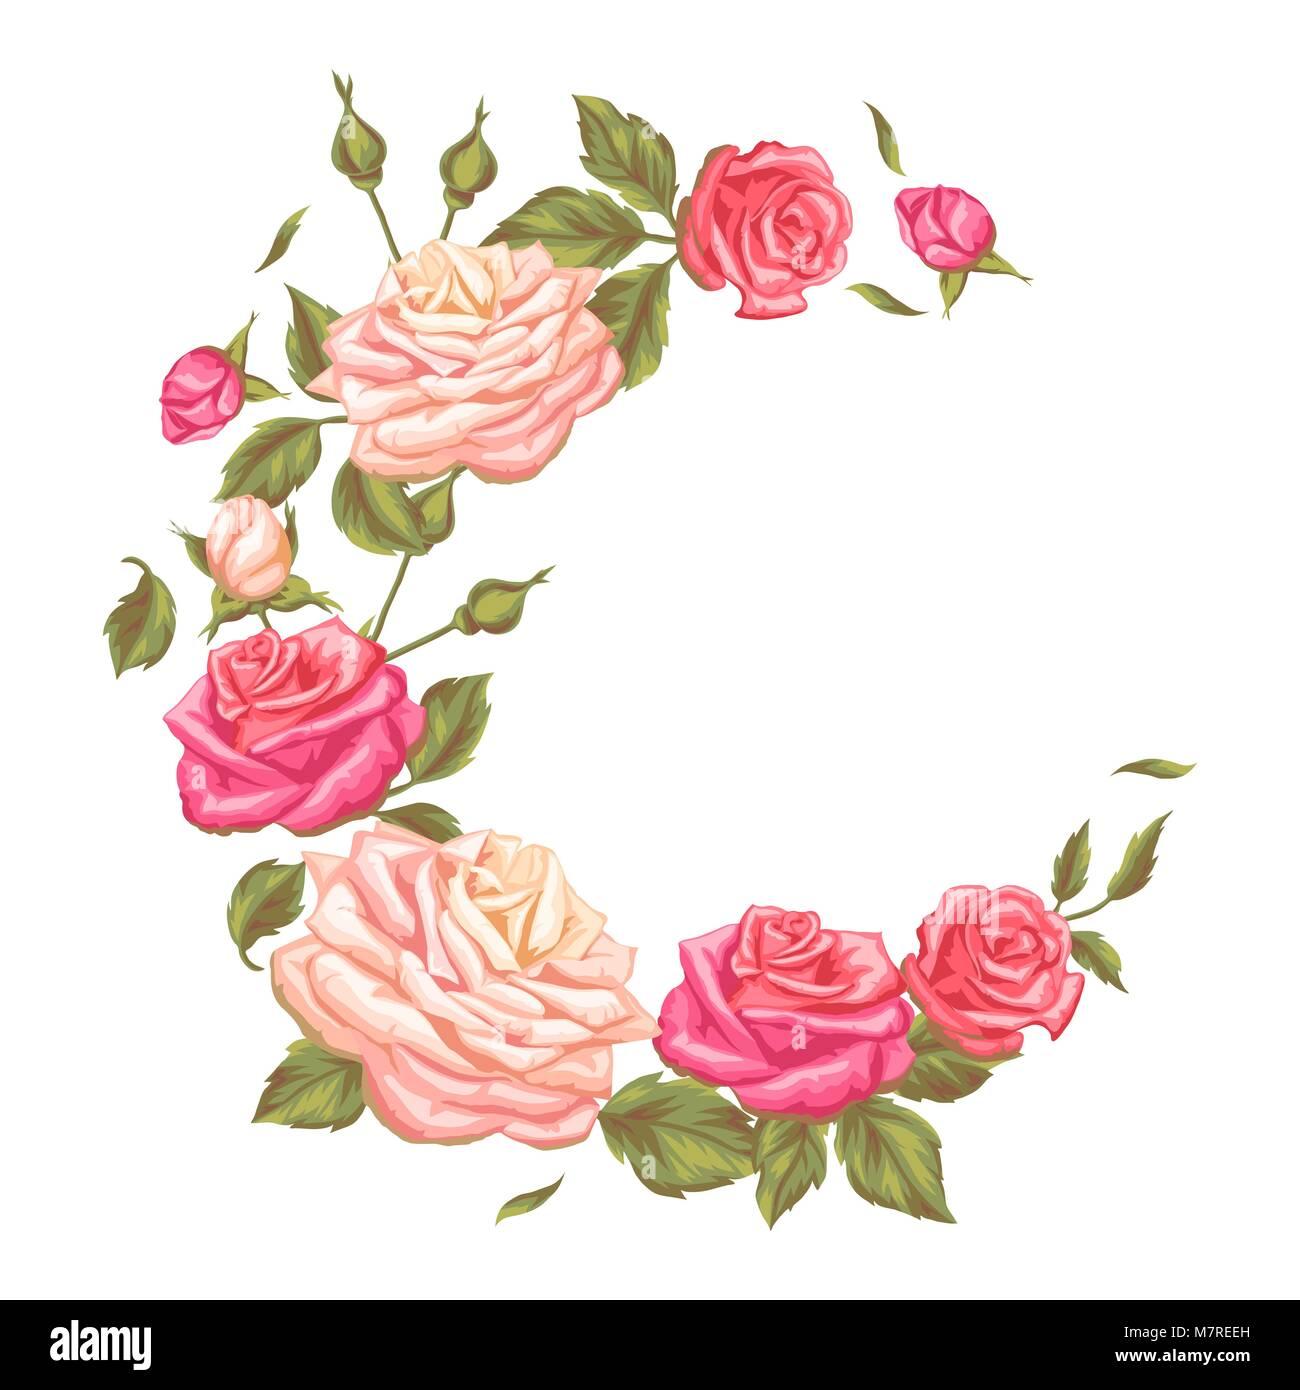 Rahmen mit Vintage Roses. Dekorative retro Blumen. Bild für ...